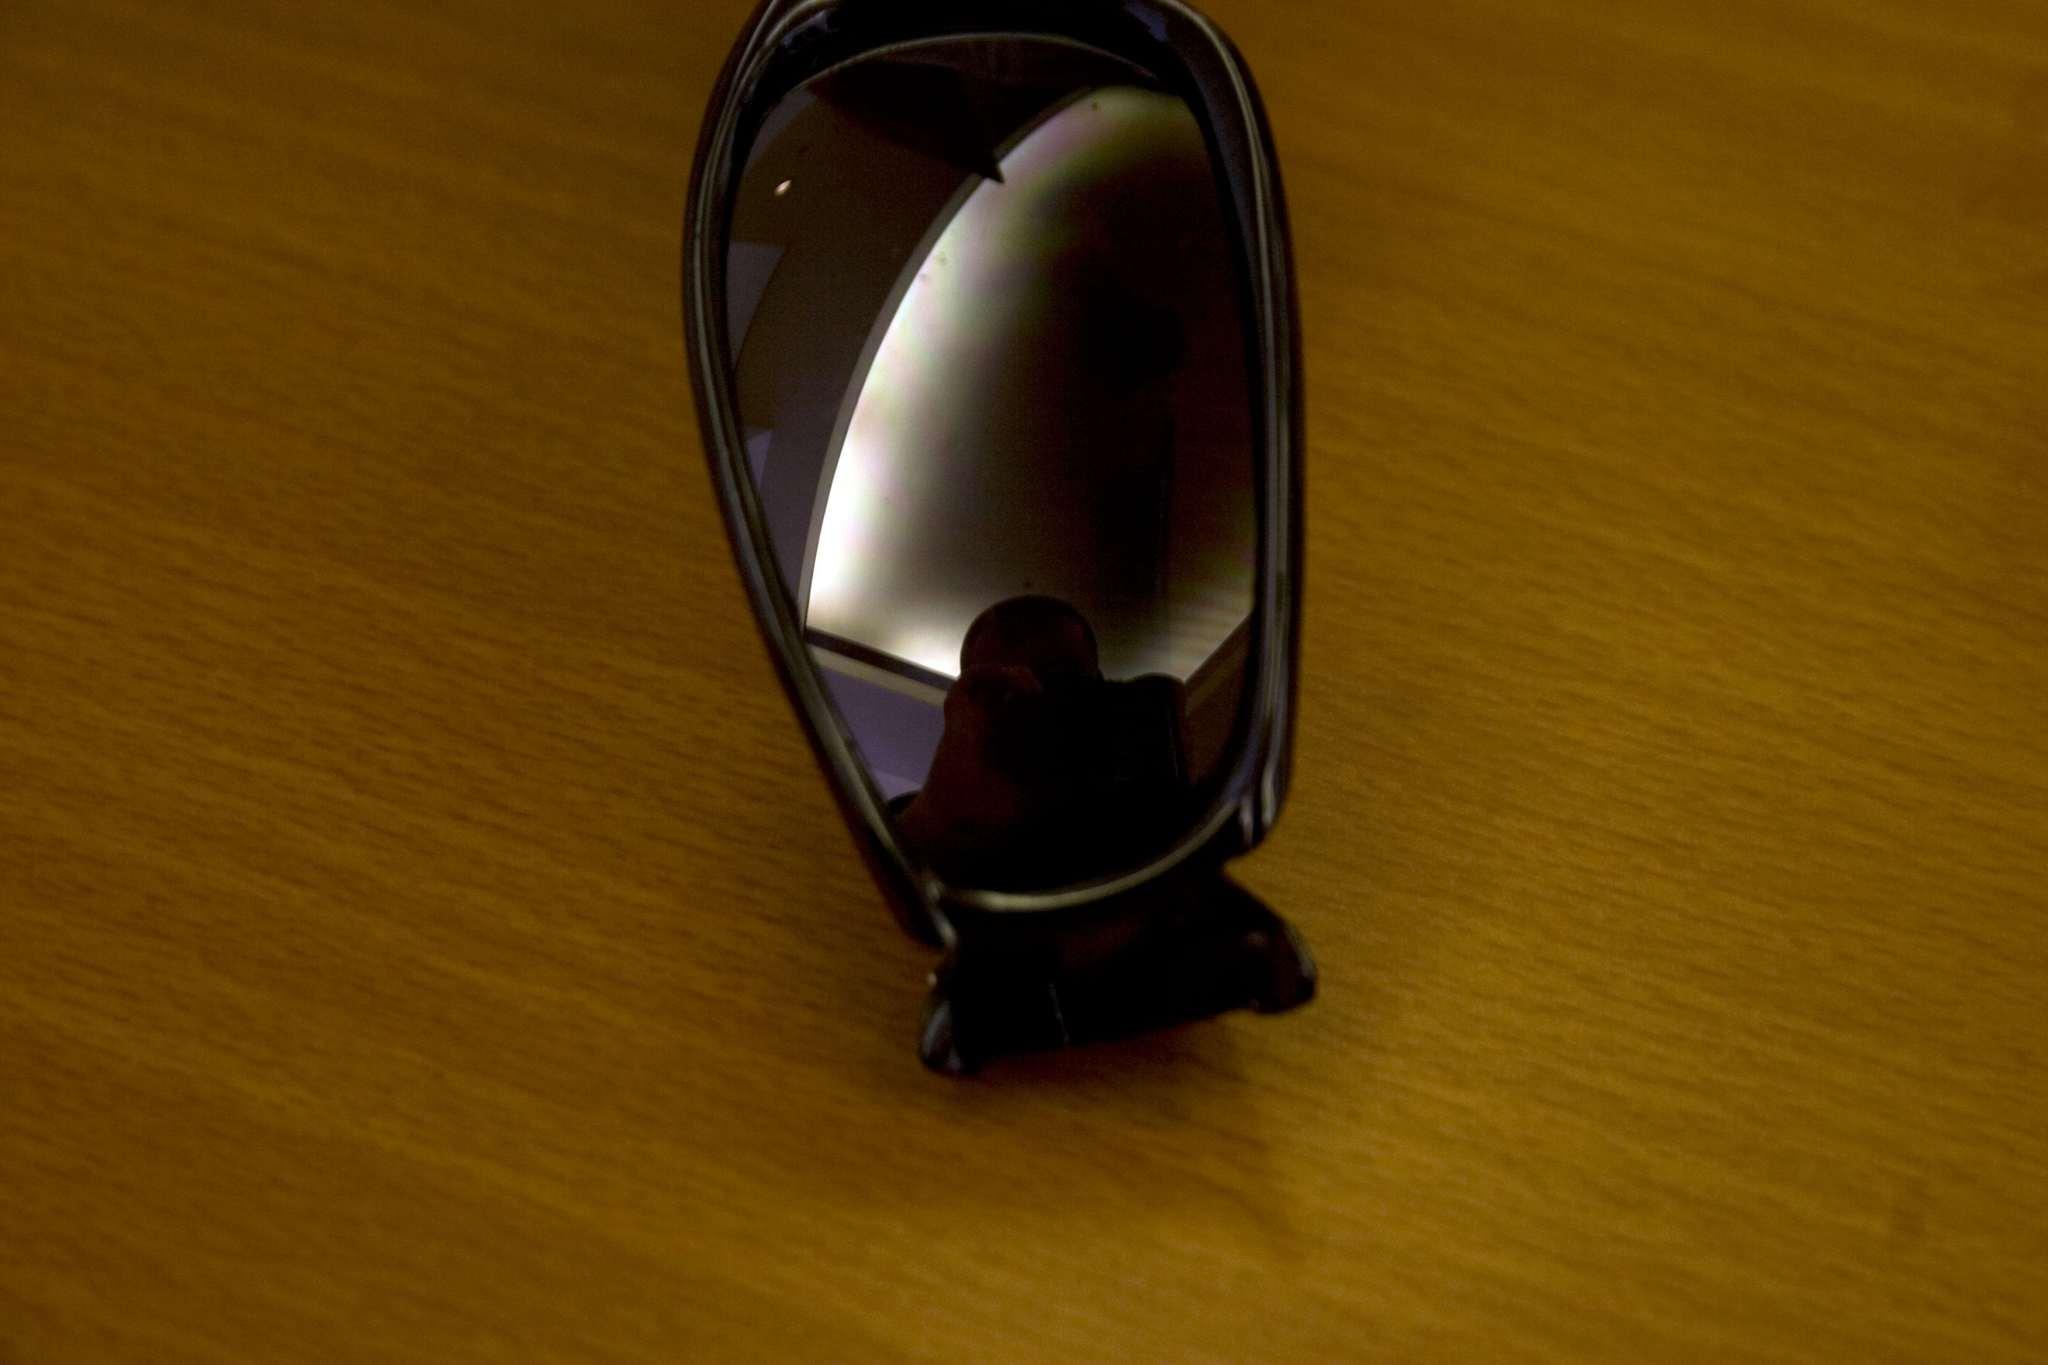 Glasses shine